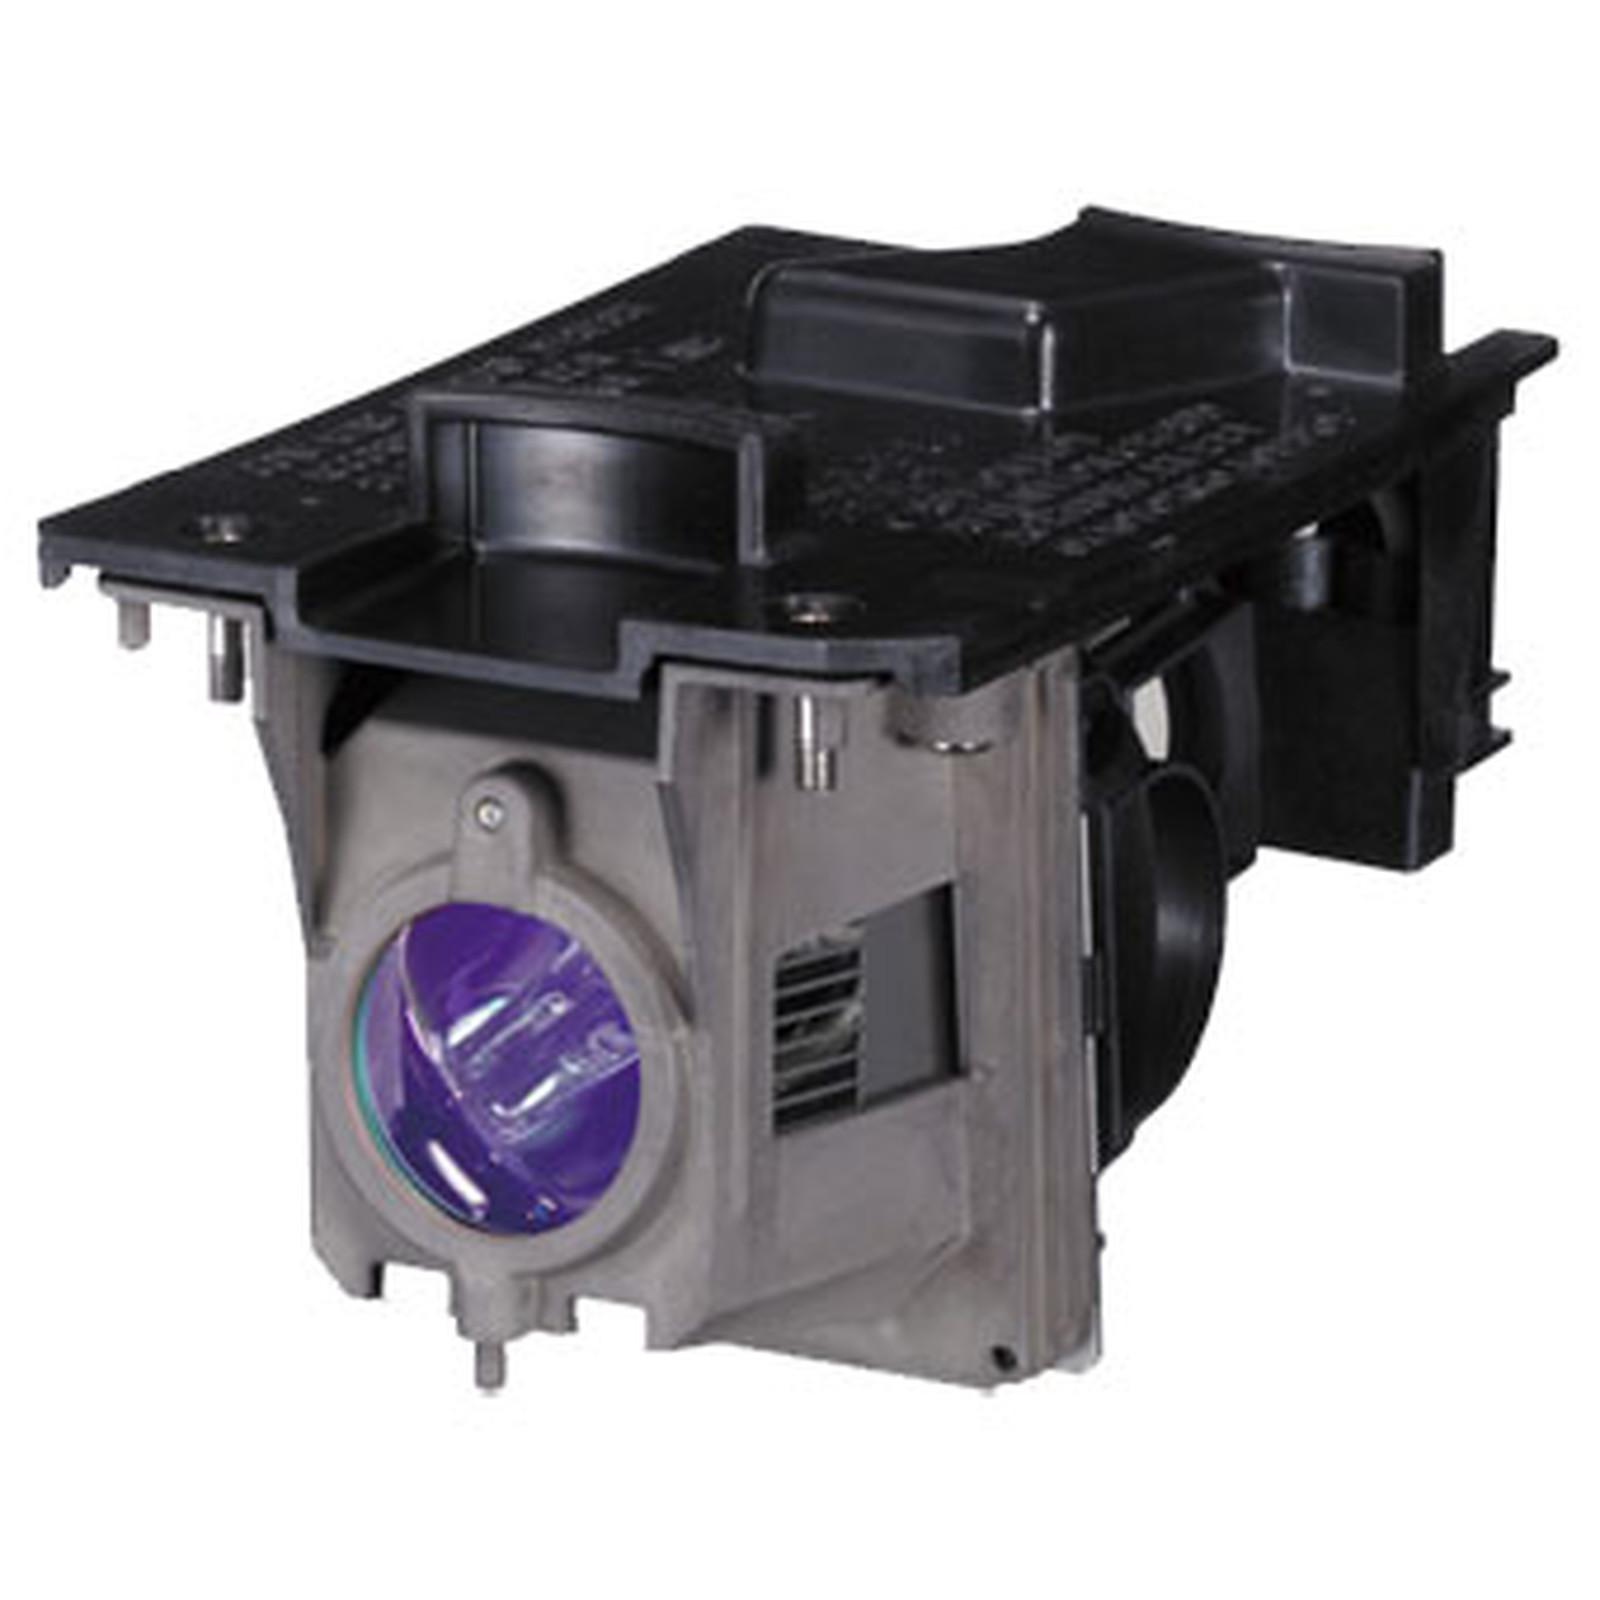 NEC Lámpara de repuesto NP13LP (para NP110 / NP 115 / NP215 / NP216 / V260 / V260X / V300W)